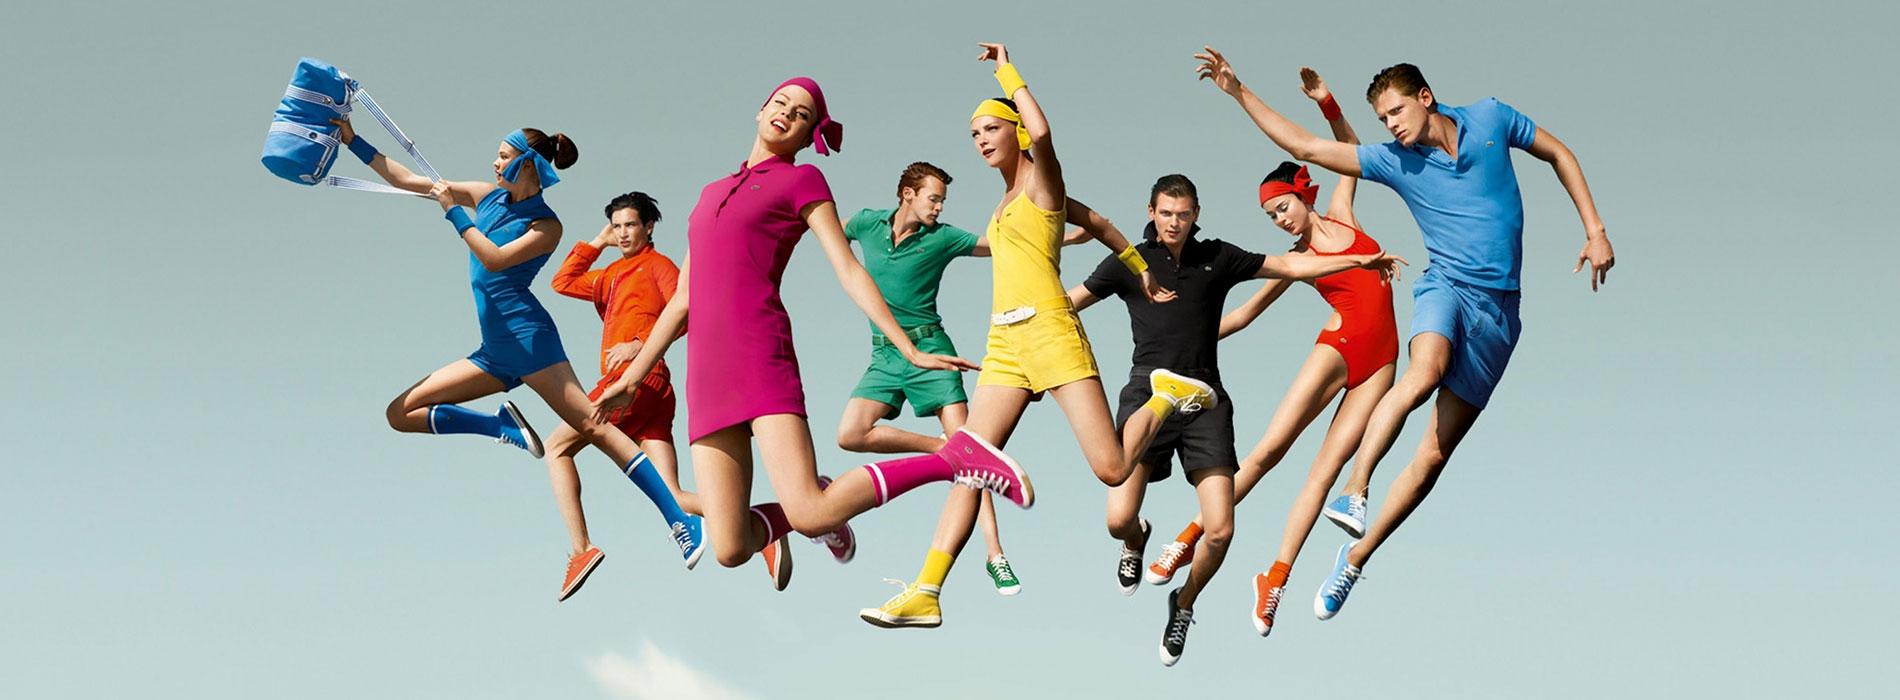 Suur valik stiilseid ja värvikaid rõivaid